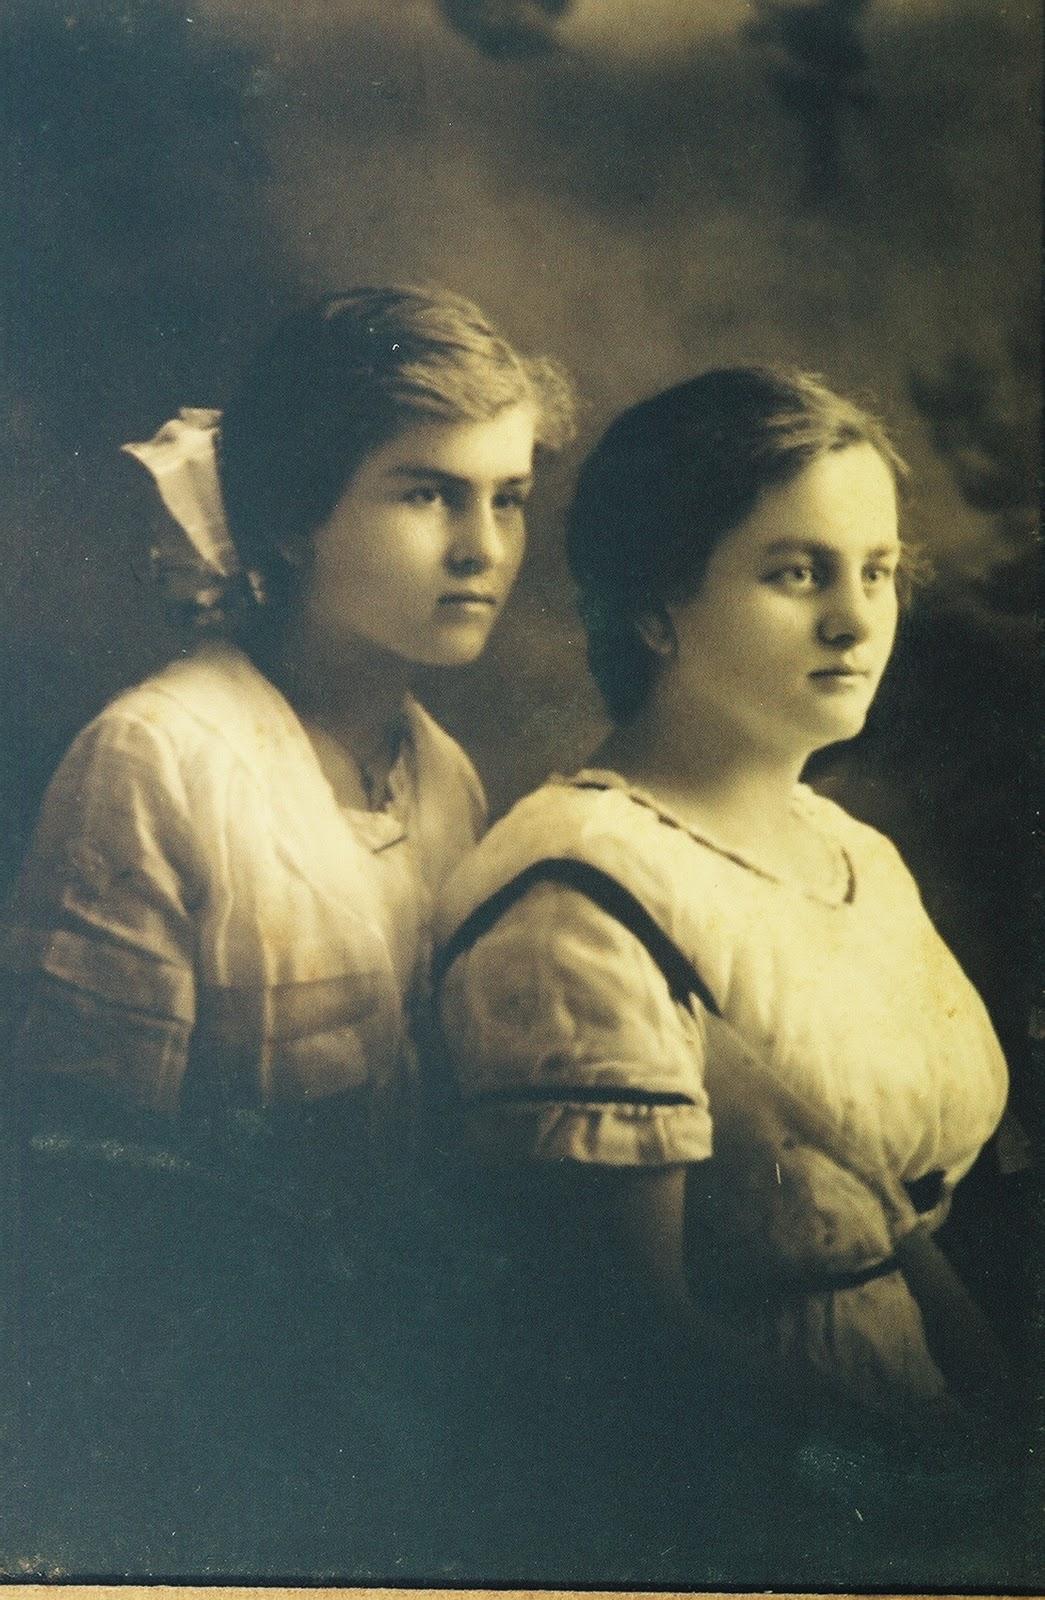 http://2.bp.blogspot.com/_GFcqNQgVl08/TNkCQQIQd_I/AAAAAAAAEU8/-PY0dYANSHc/s1600/Dot+and+Selma.jpg